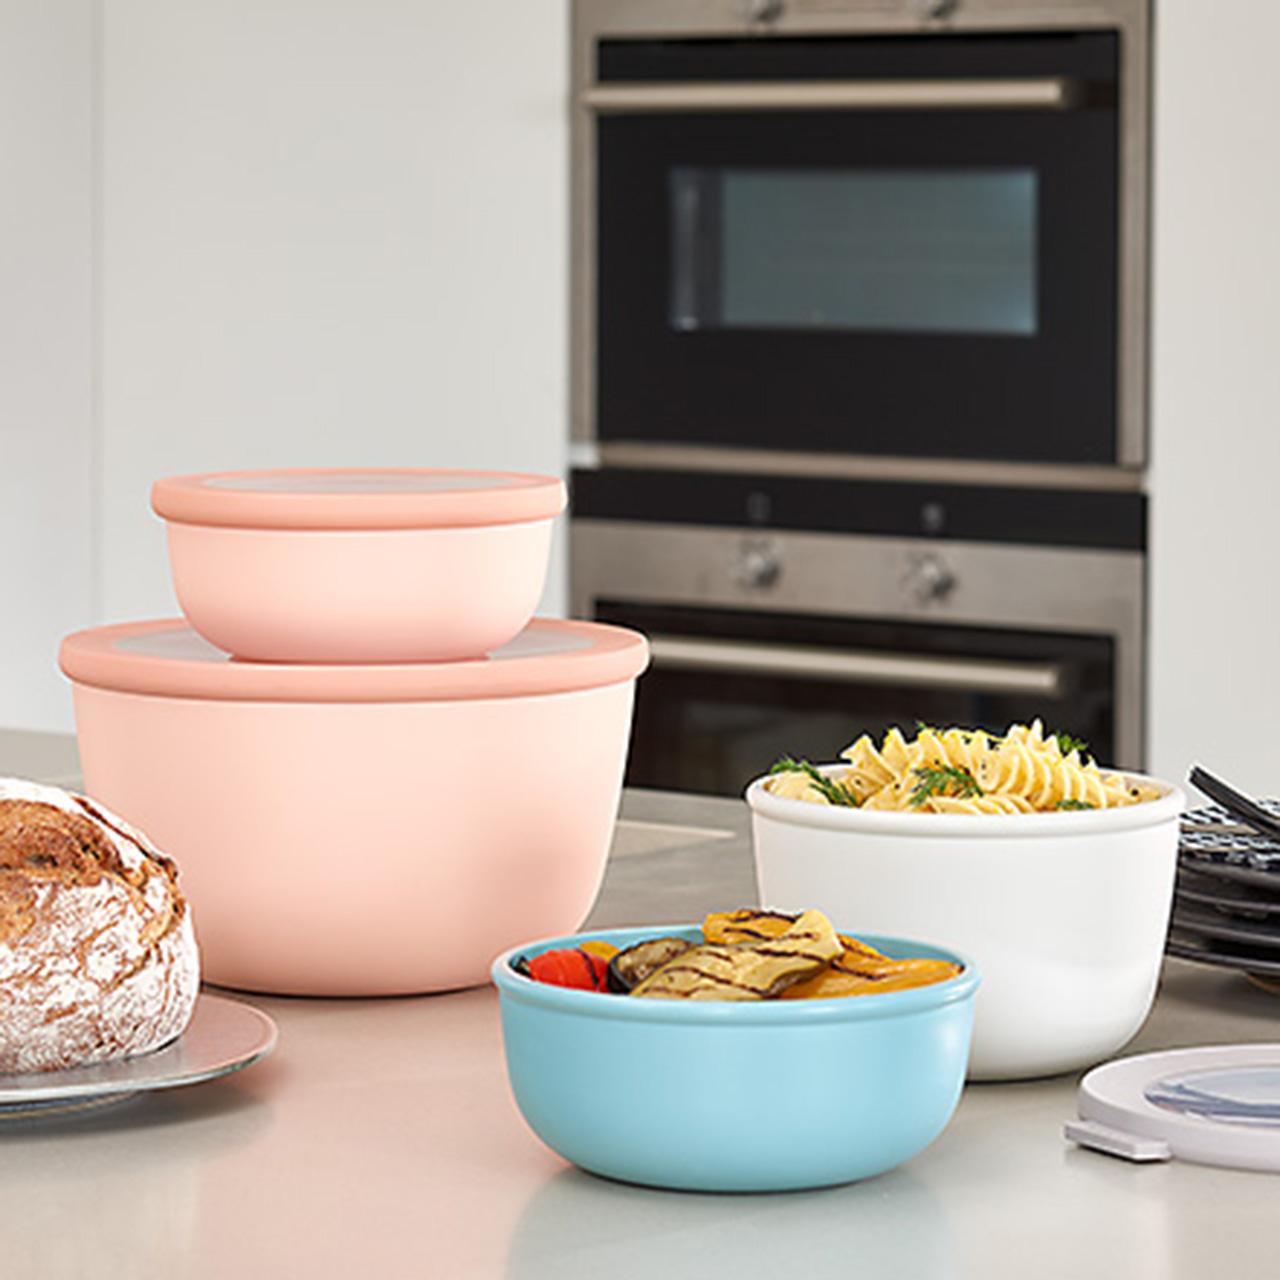 MEPAL,生活選物,生活雜貨,餐盒系列商品